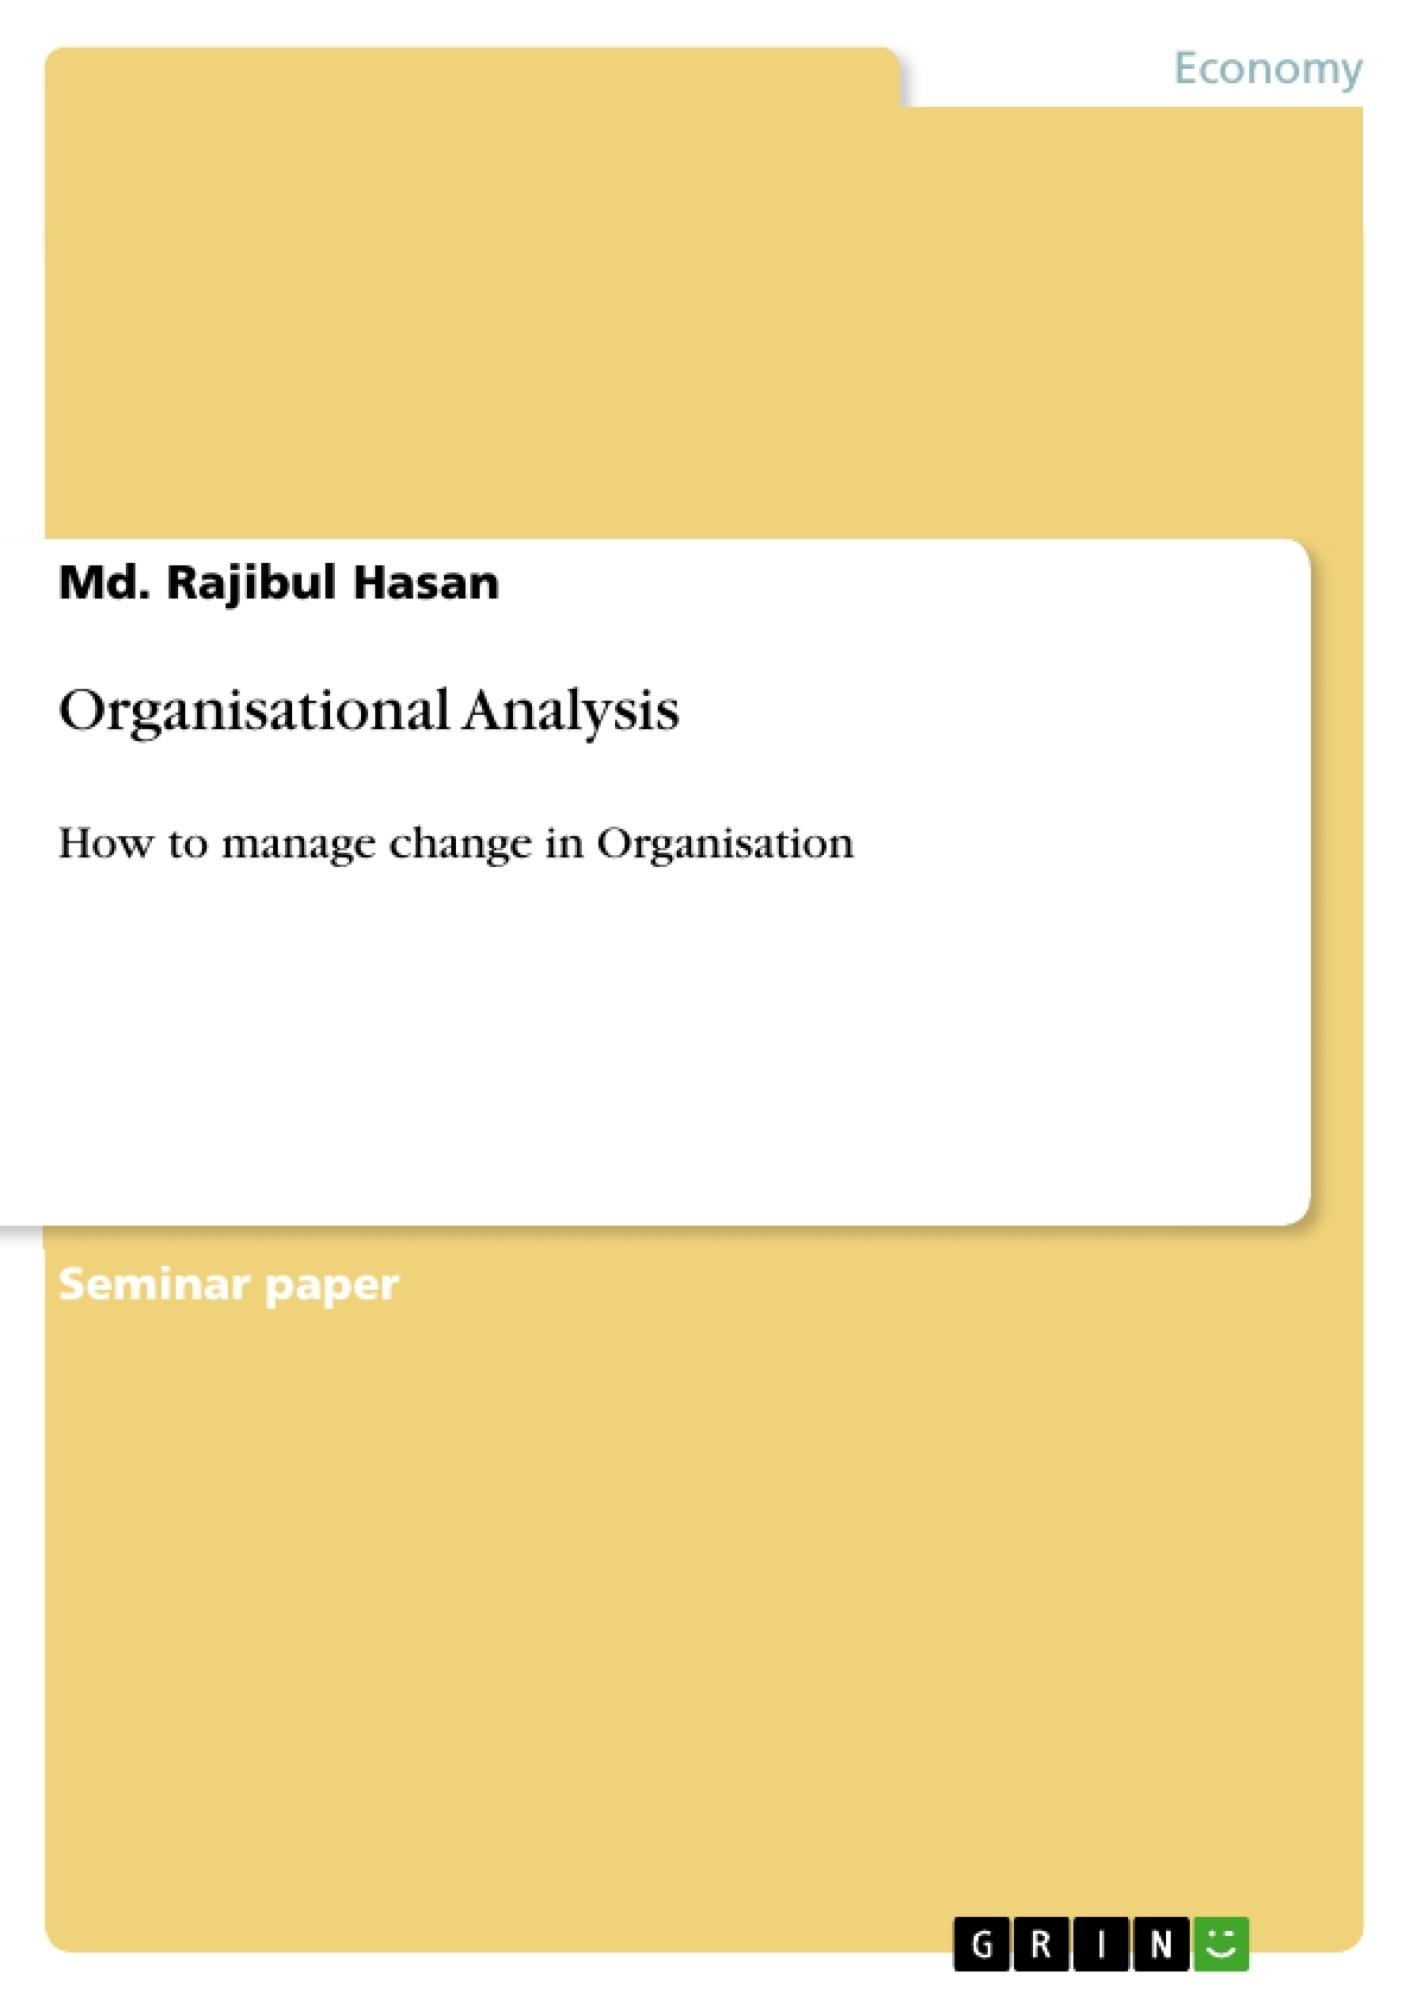 Title: Organisational Analysis